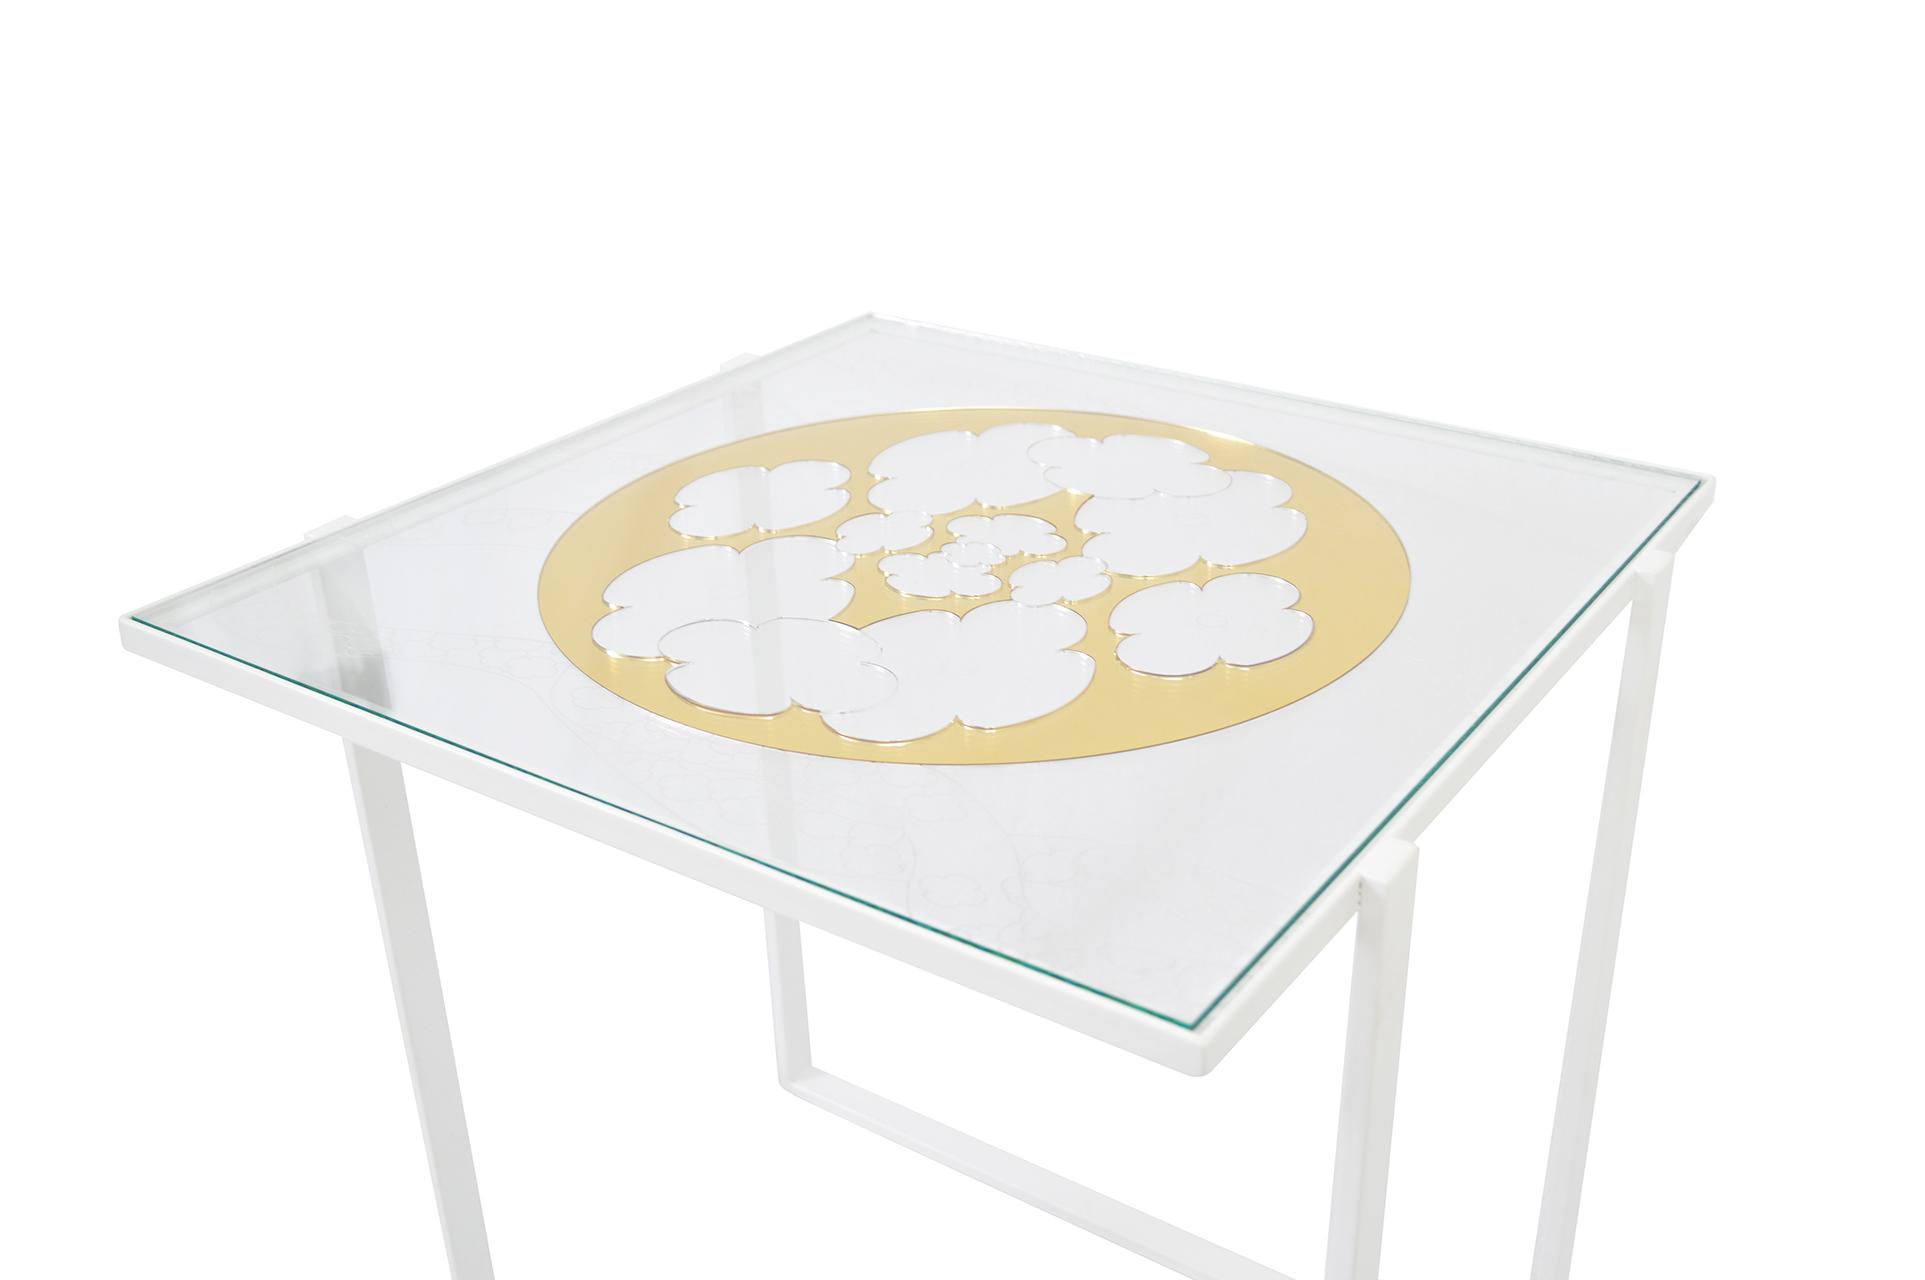 Petite table Au delà 1